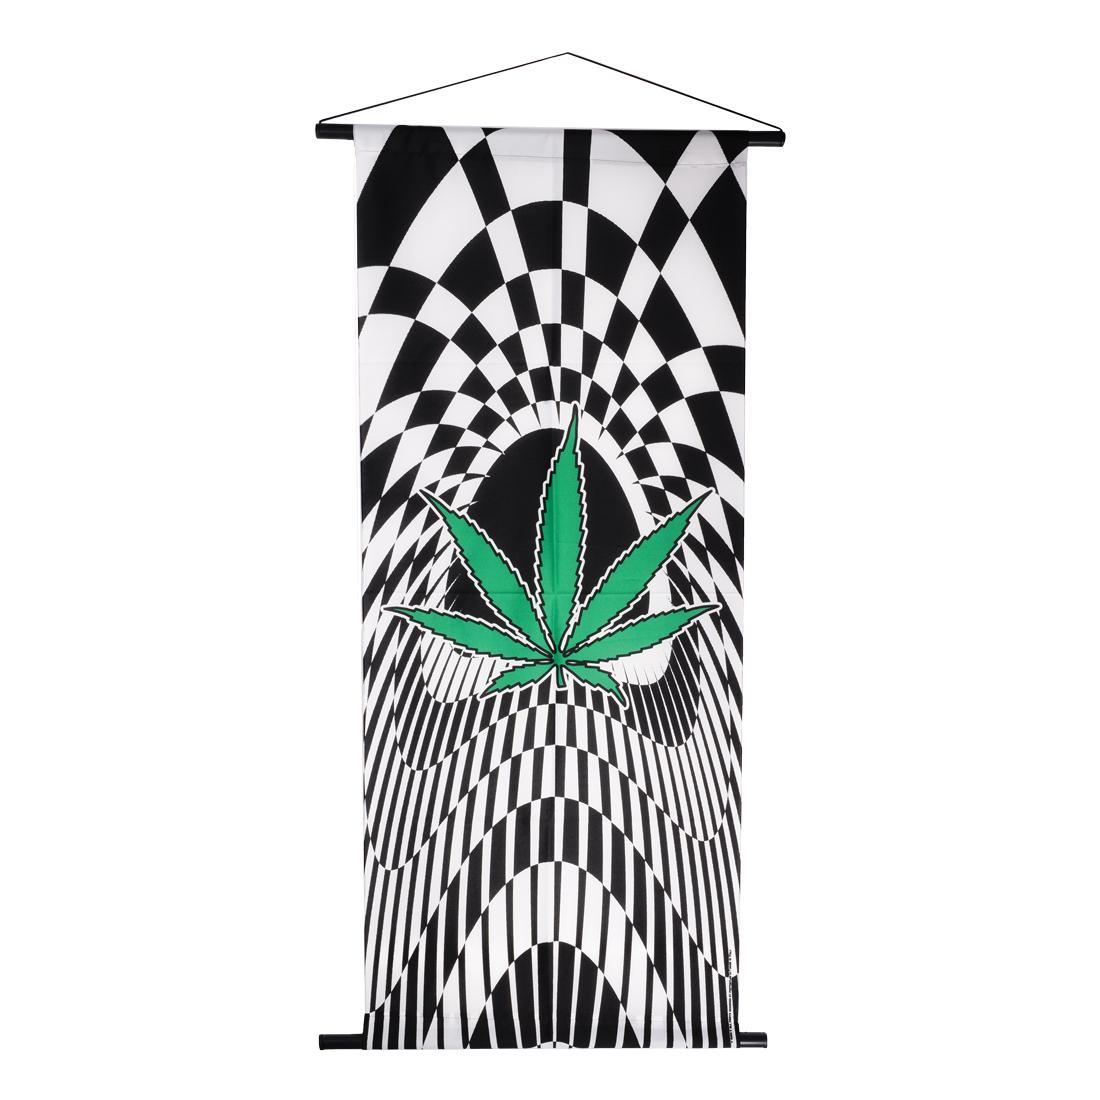 drapeau damier leaf 52 x 125 cm